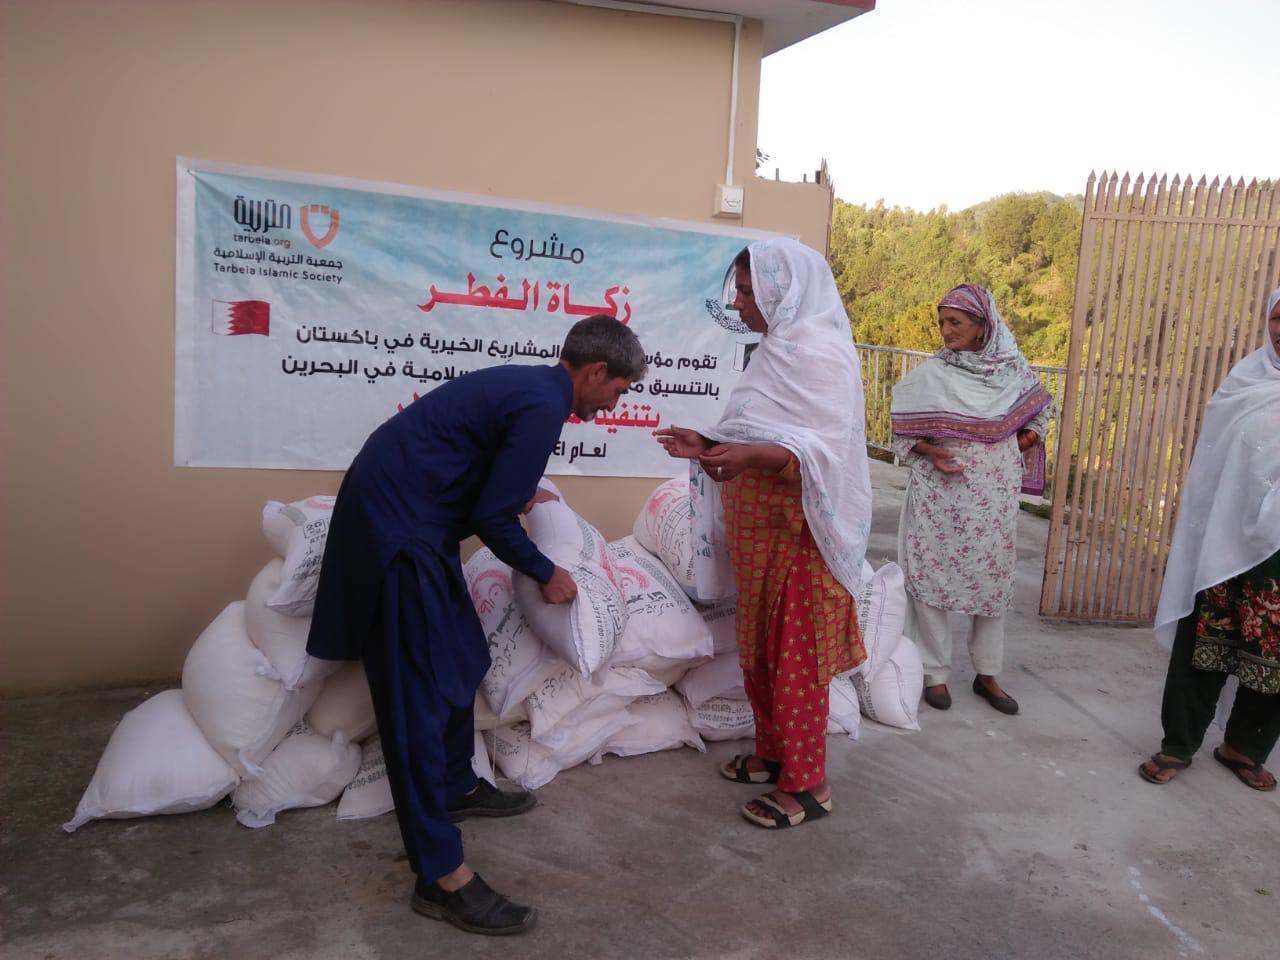 Photo of مشروع صدقة الفطر بالتنسيق مع جمعية التربية الإسلامية بمملكة البحرين